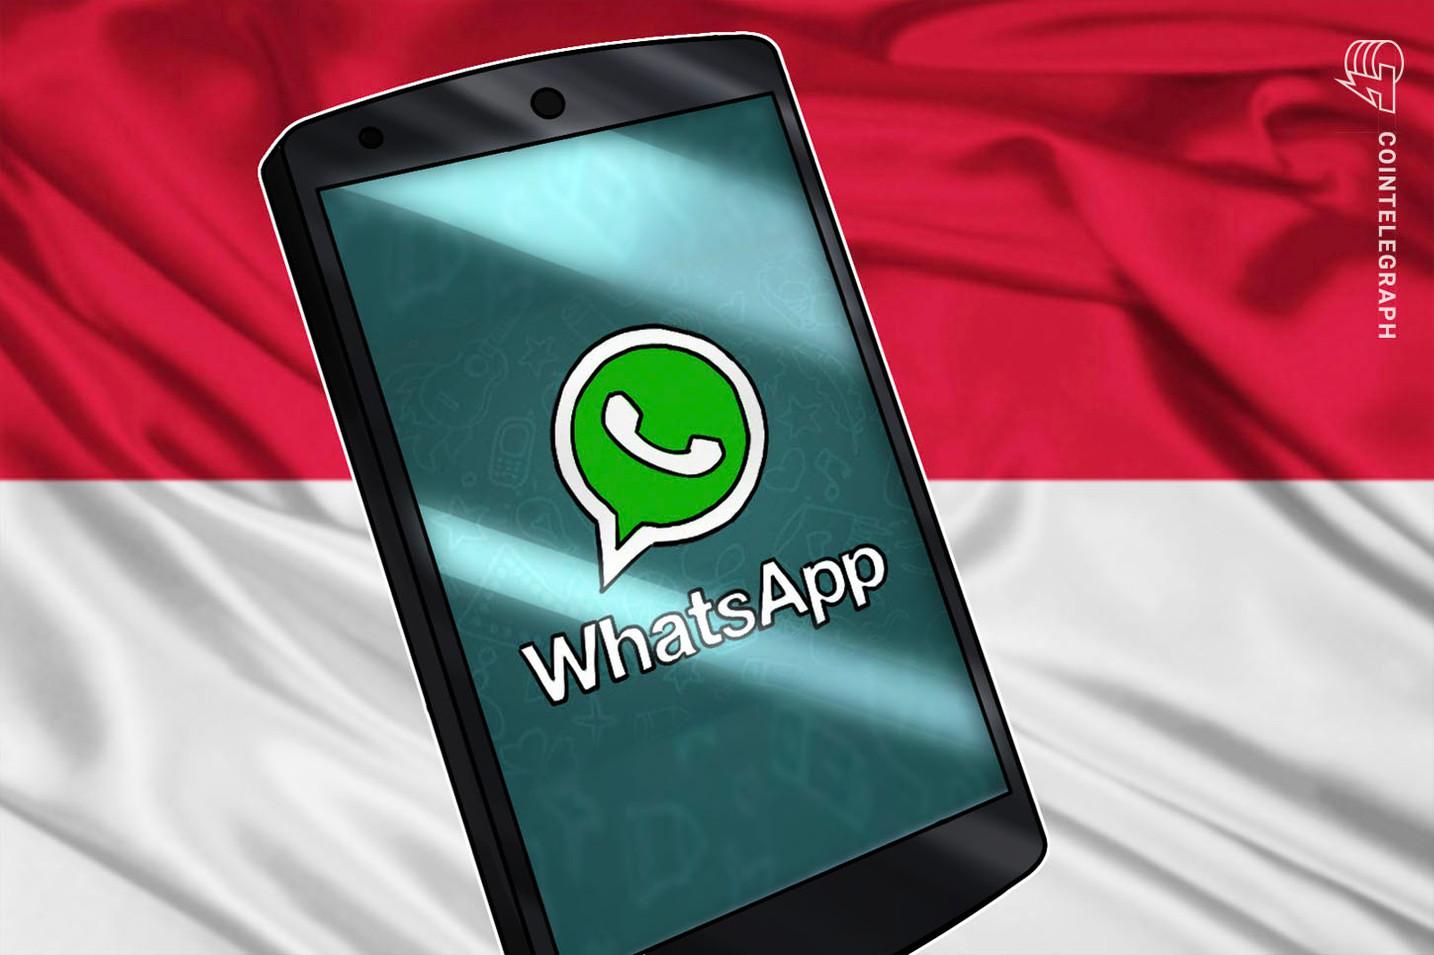 WhatsApp, de Facebook, espera lanzar pagos digitales en Indonesia